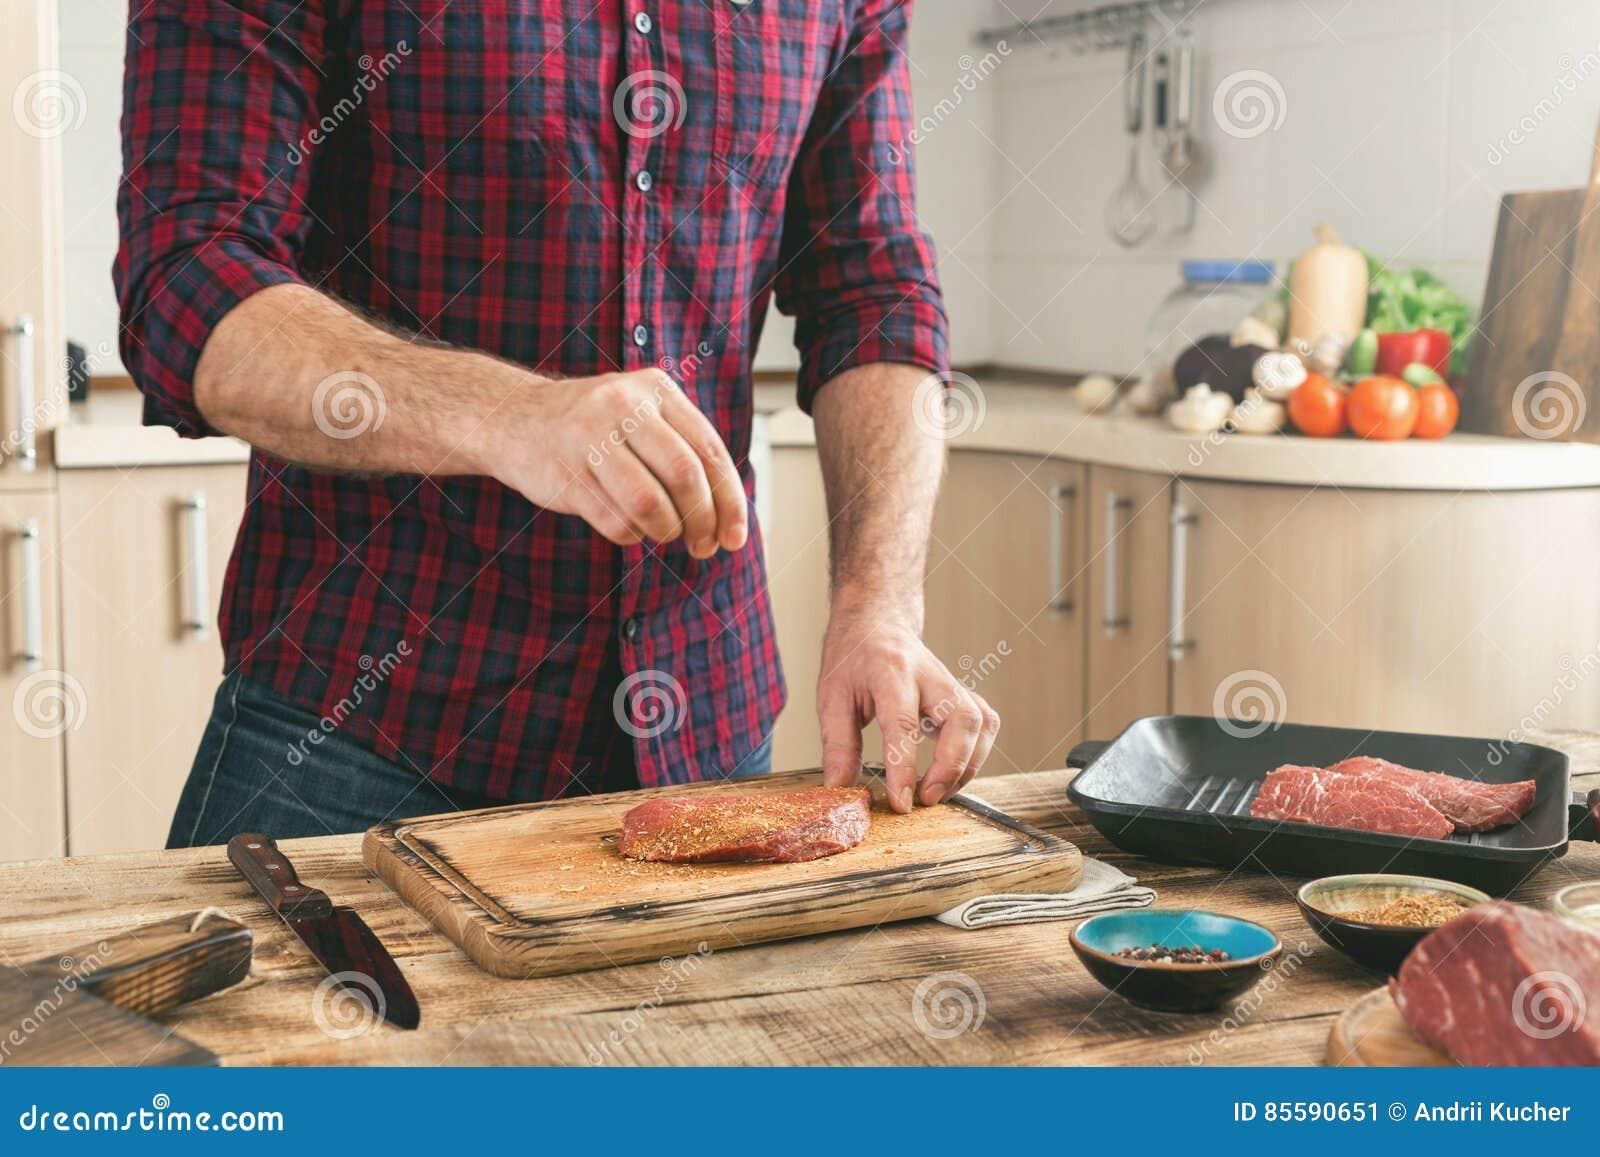 Equipe o cozimento do bife grelhado na cozinha home